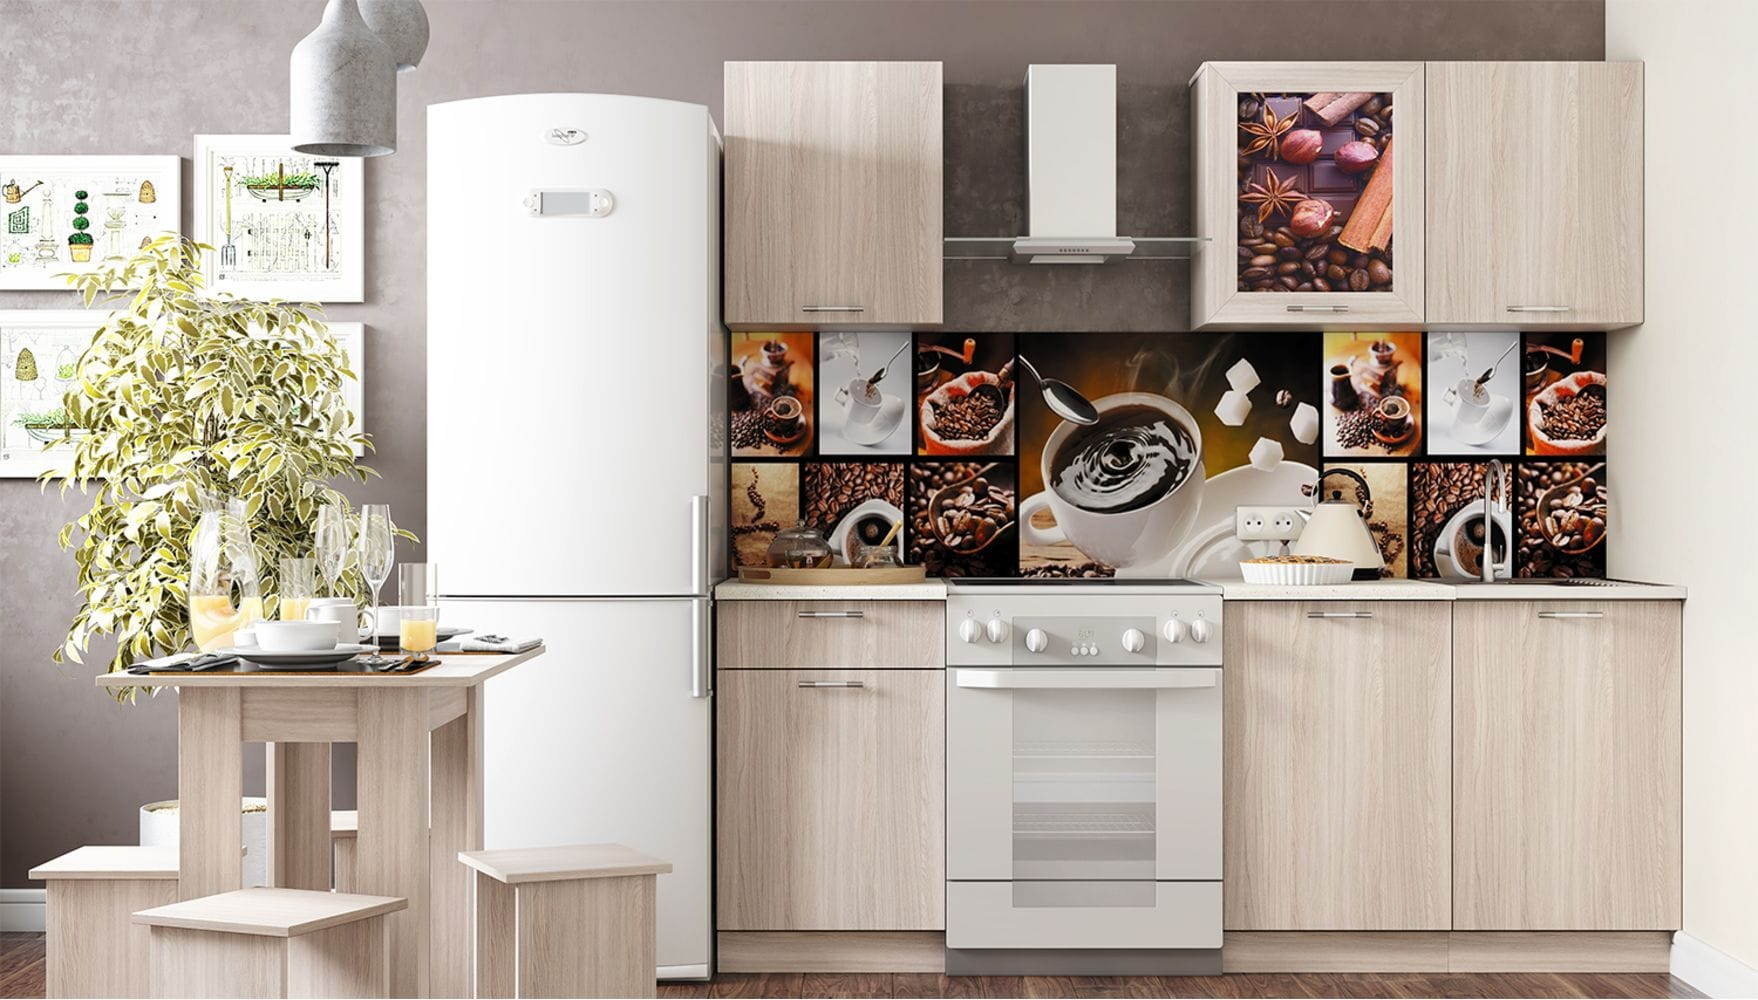 Кухонный гарнитур Легенда-16 (1,5) ЛДСП